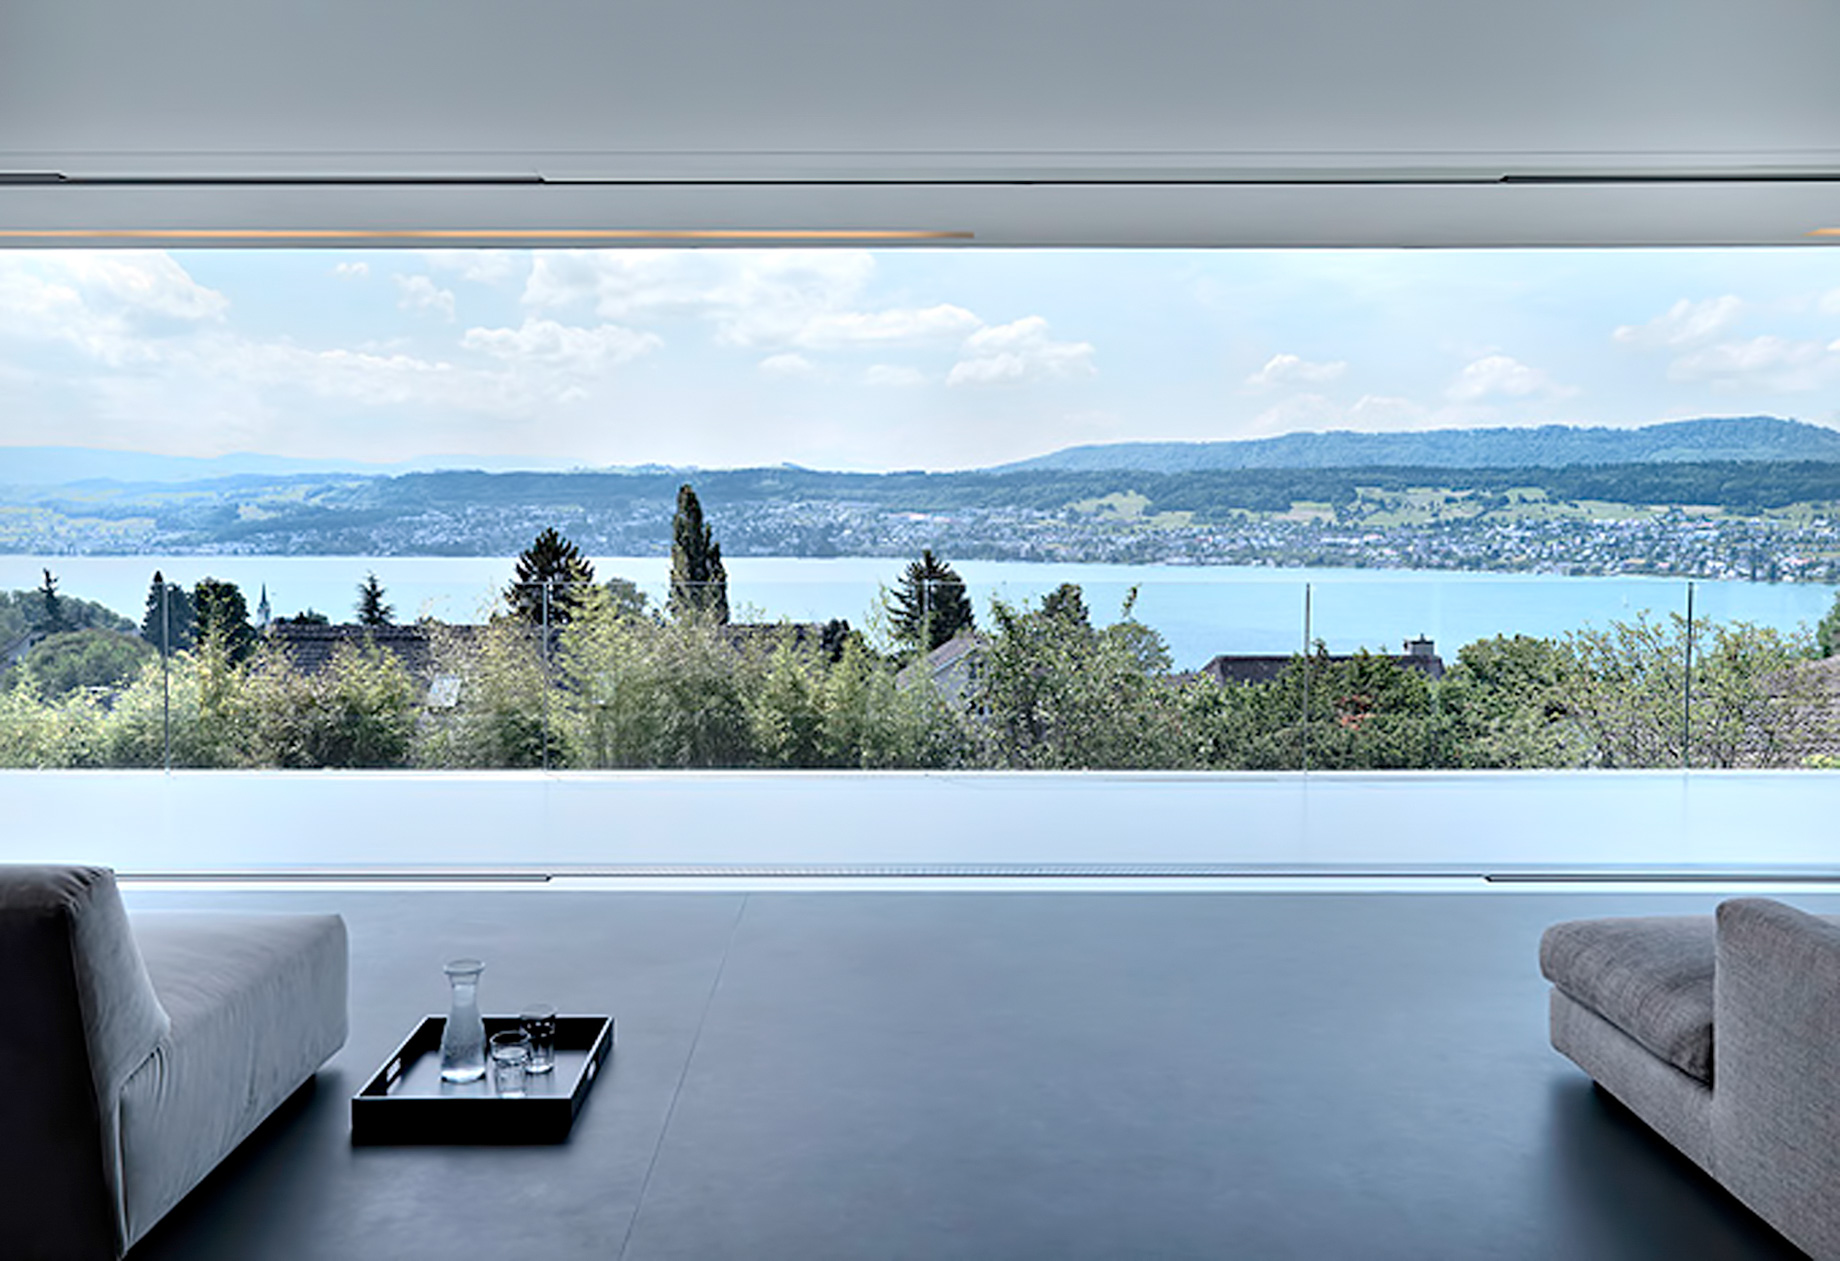 Feldbalz House Luxury Residence - Zürichsee, Zürich, Switzerland